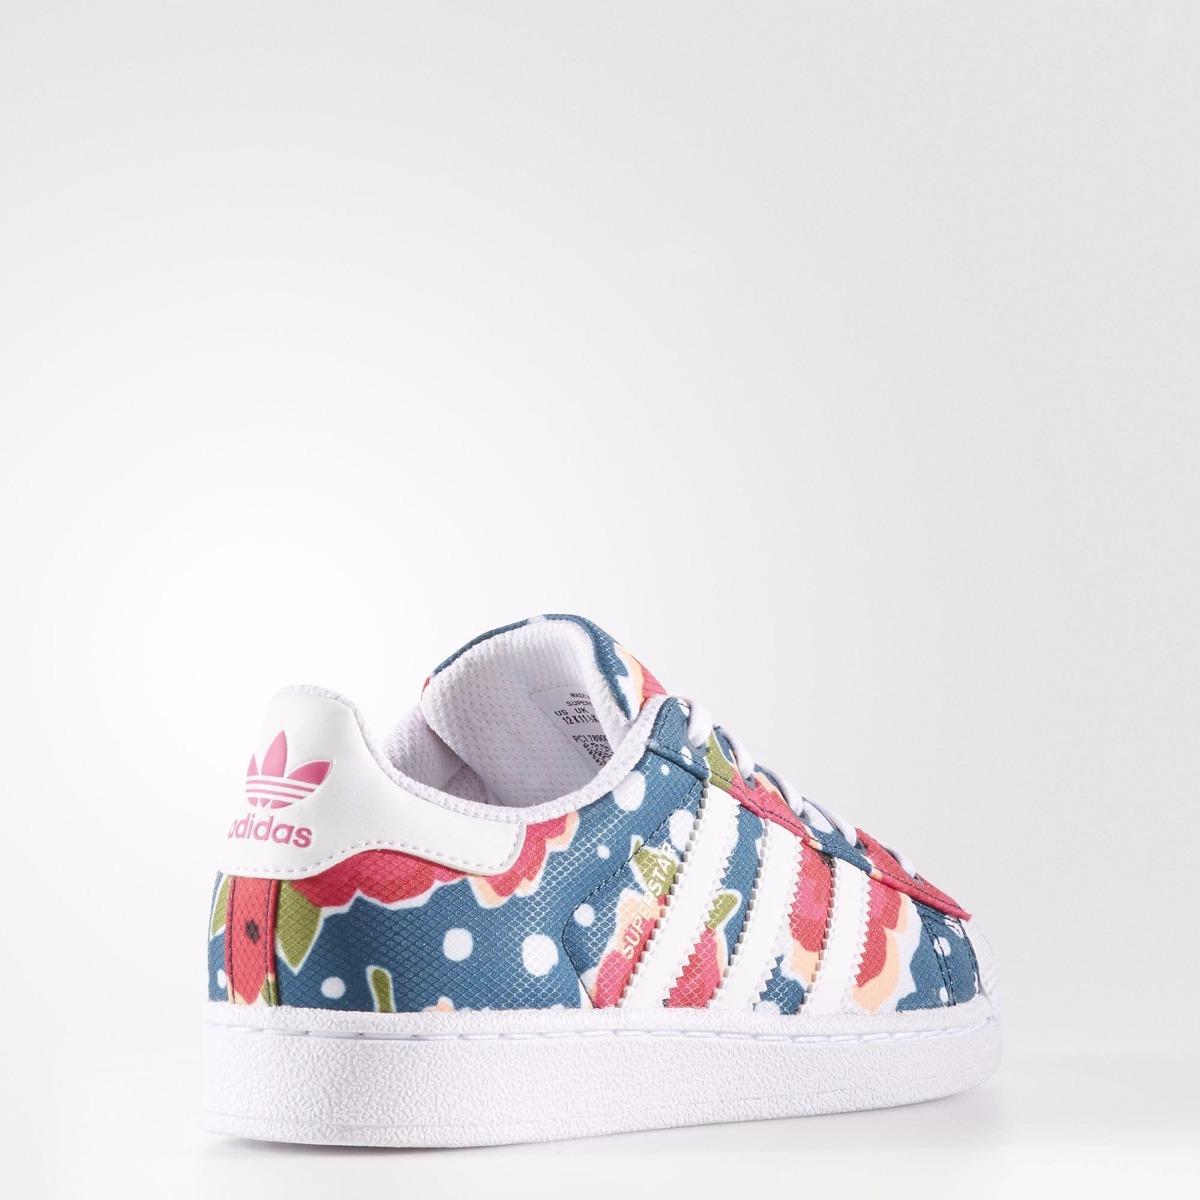 Floral Originals Diseño Adidas Zapatillas Superstar Niña bf7mIg6Yyv